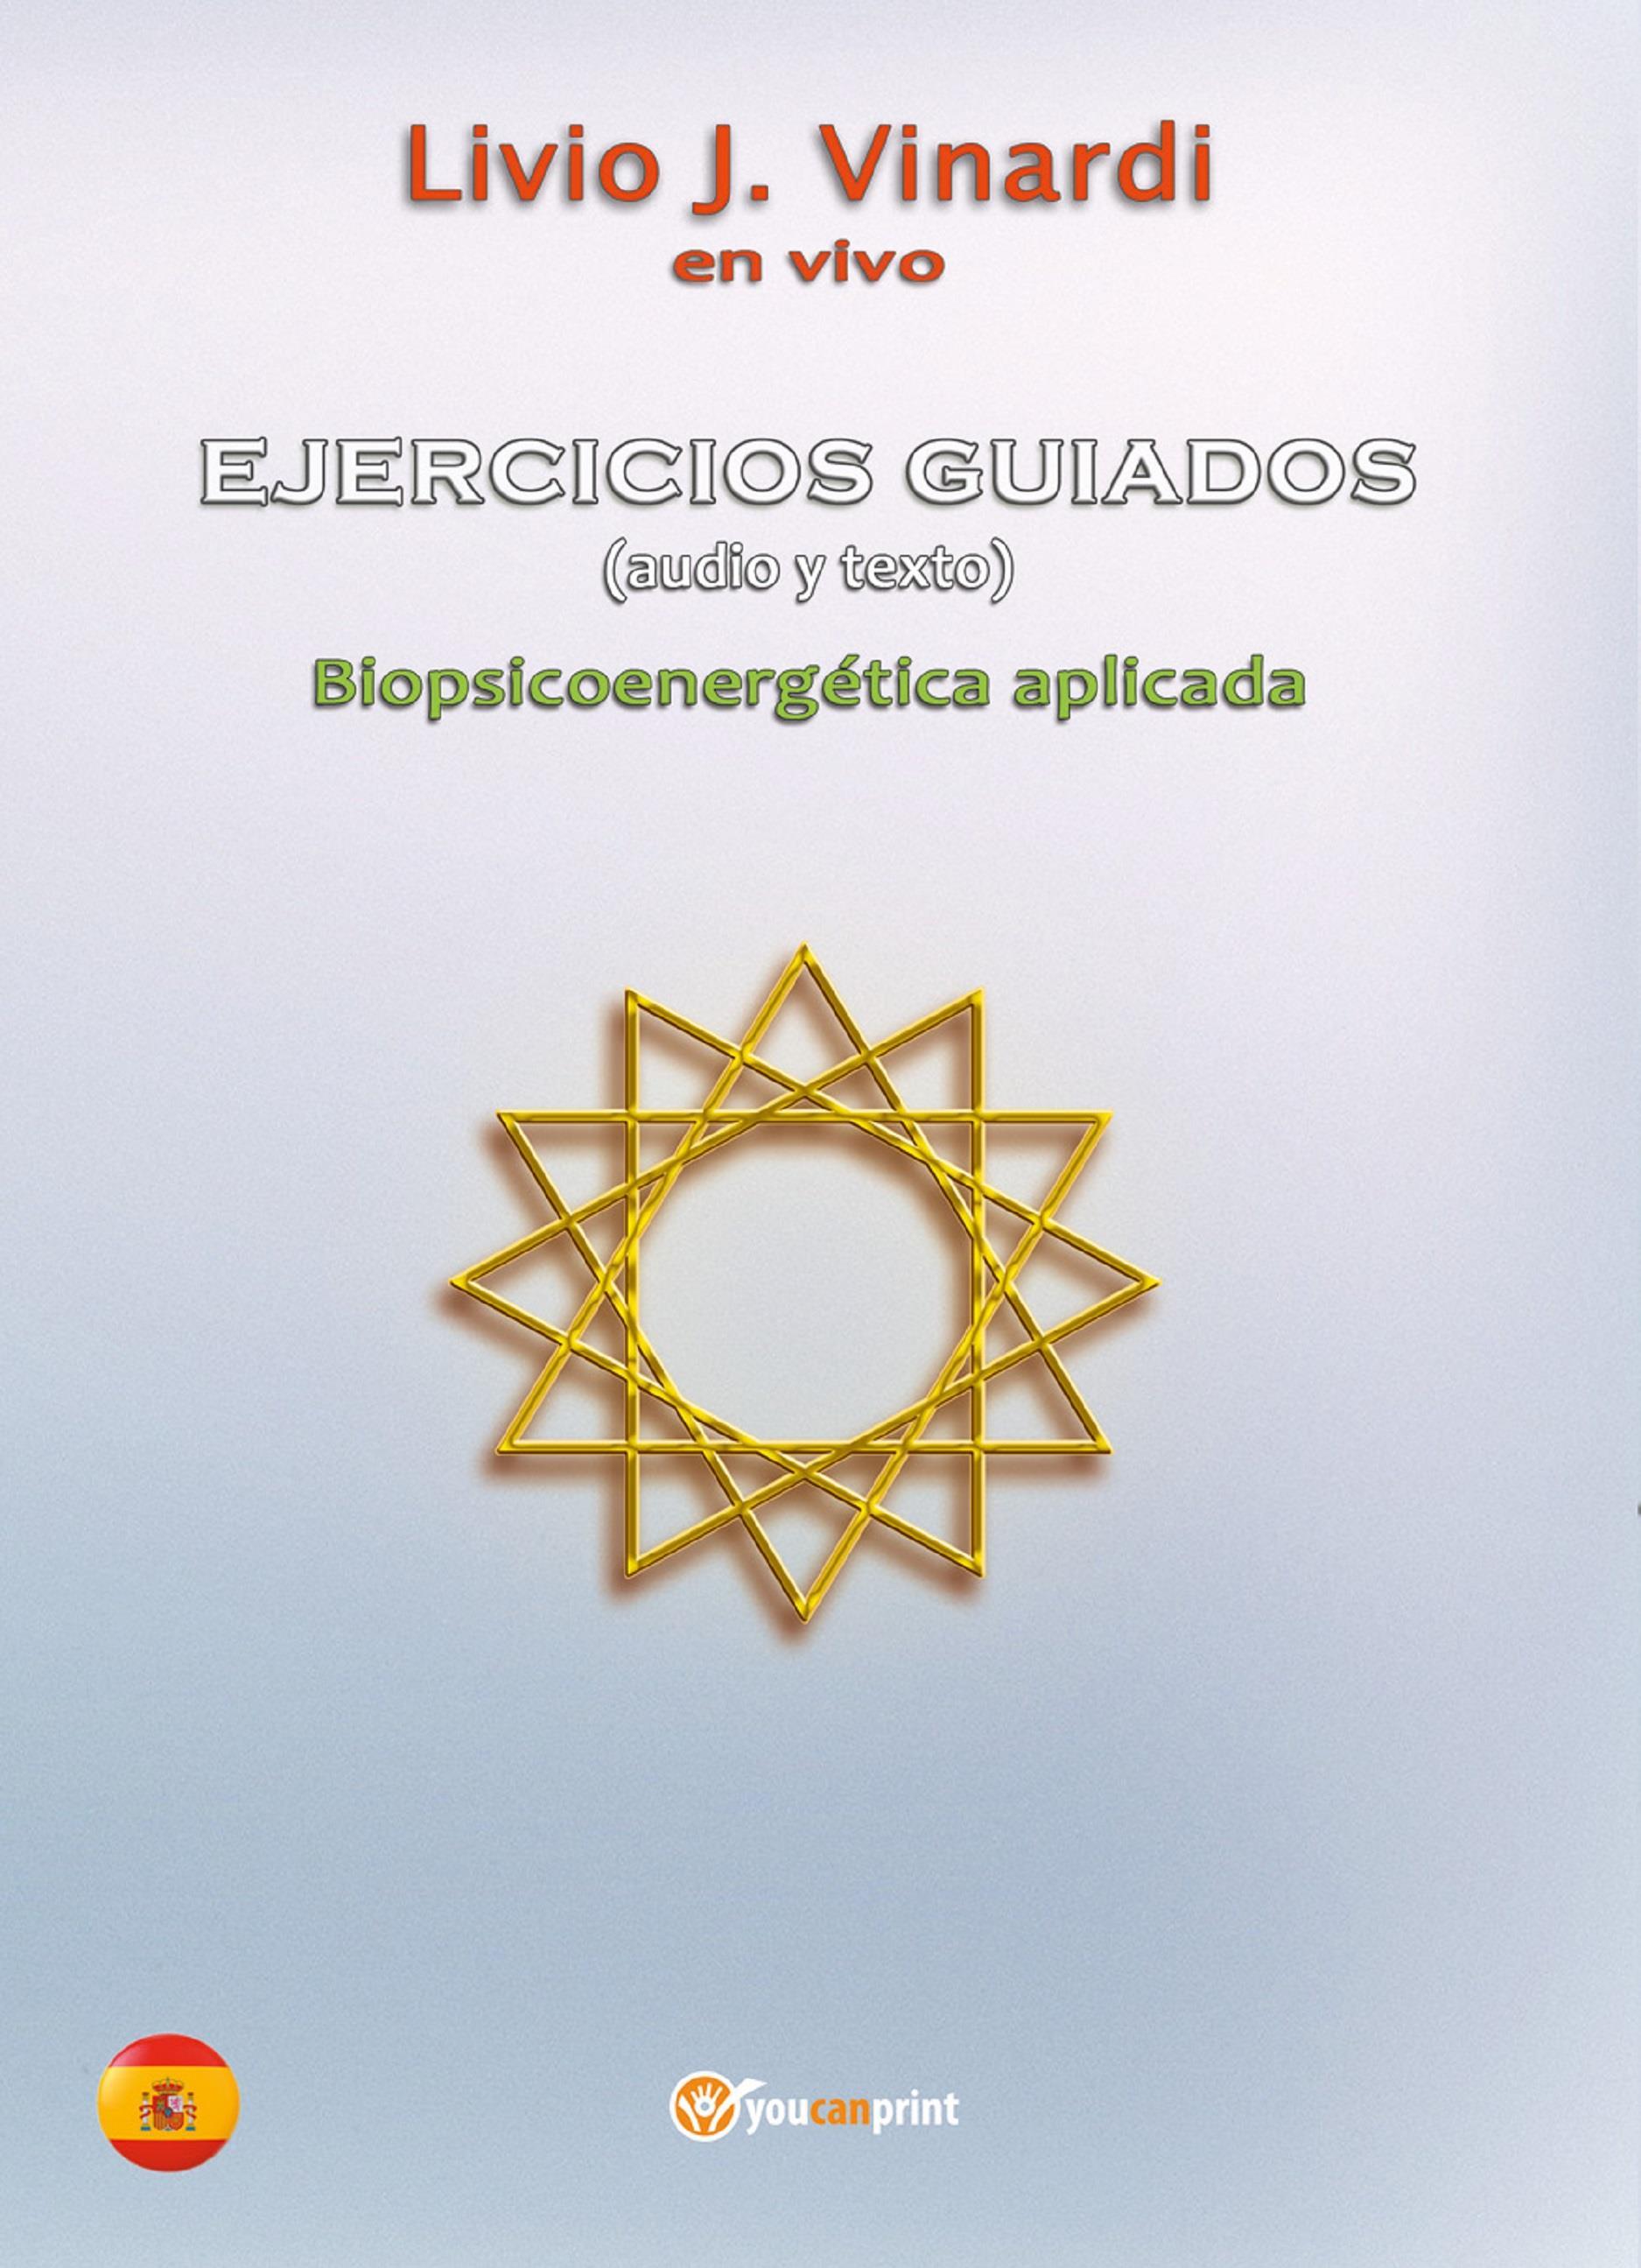 EJERCICIOS GUIADOS (audio y texto) - Biopsicoenergética aplicada (EN ESPAÑOL)